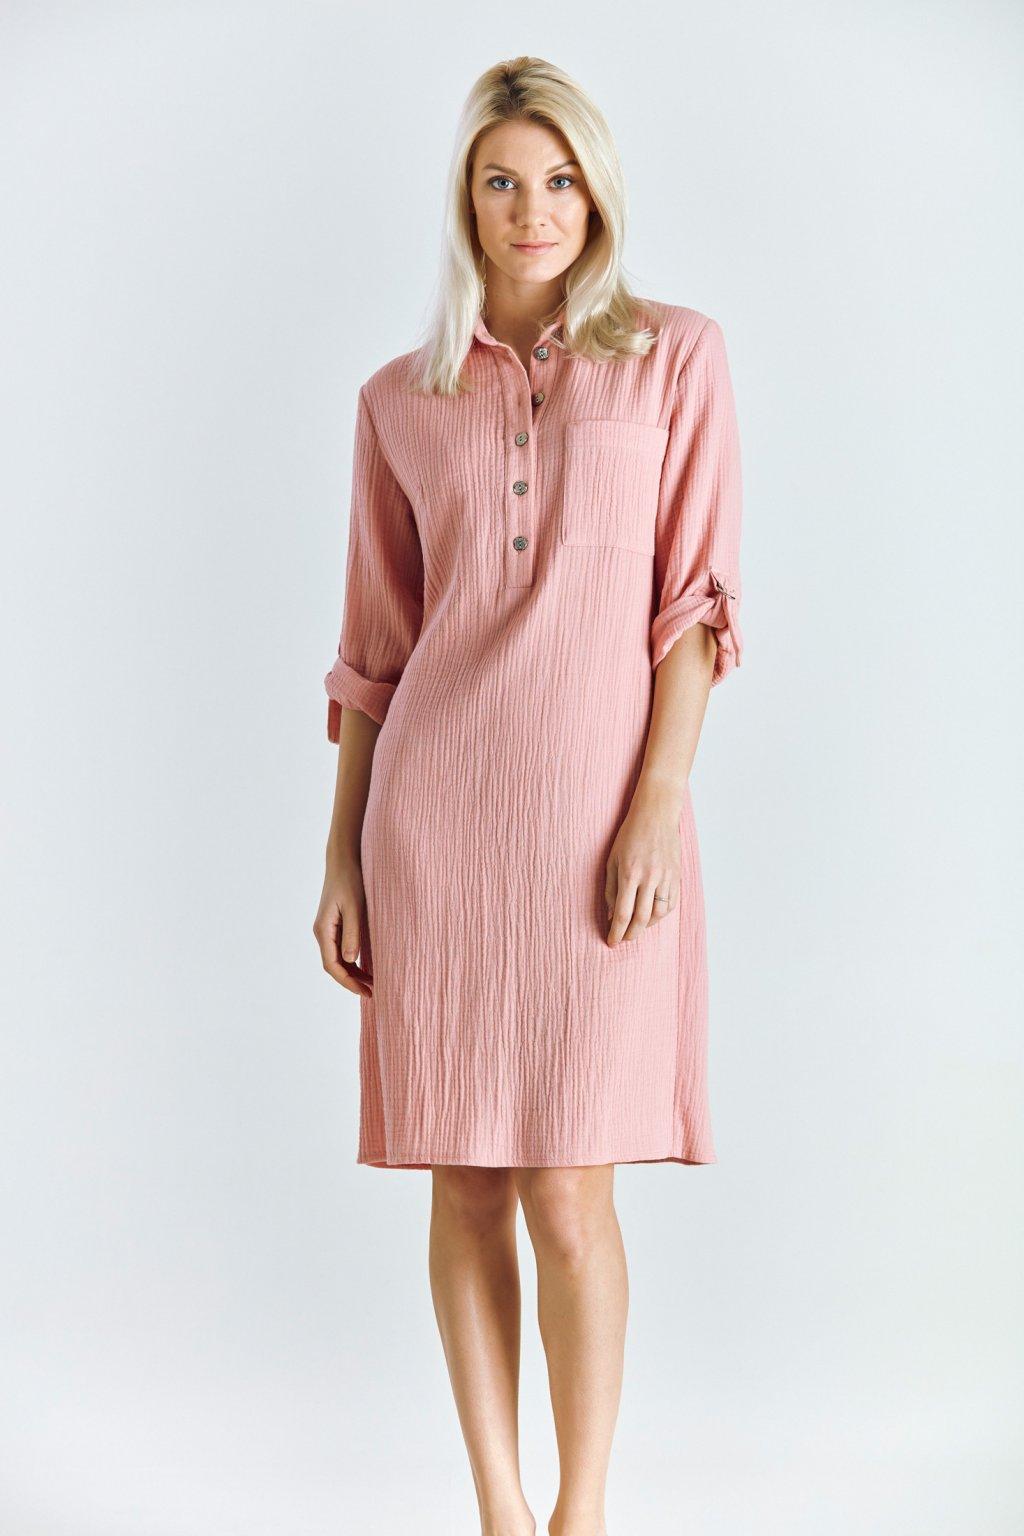 Dámské šaty košilové šaty lososové